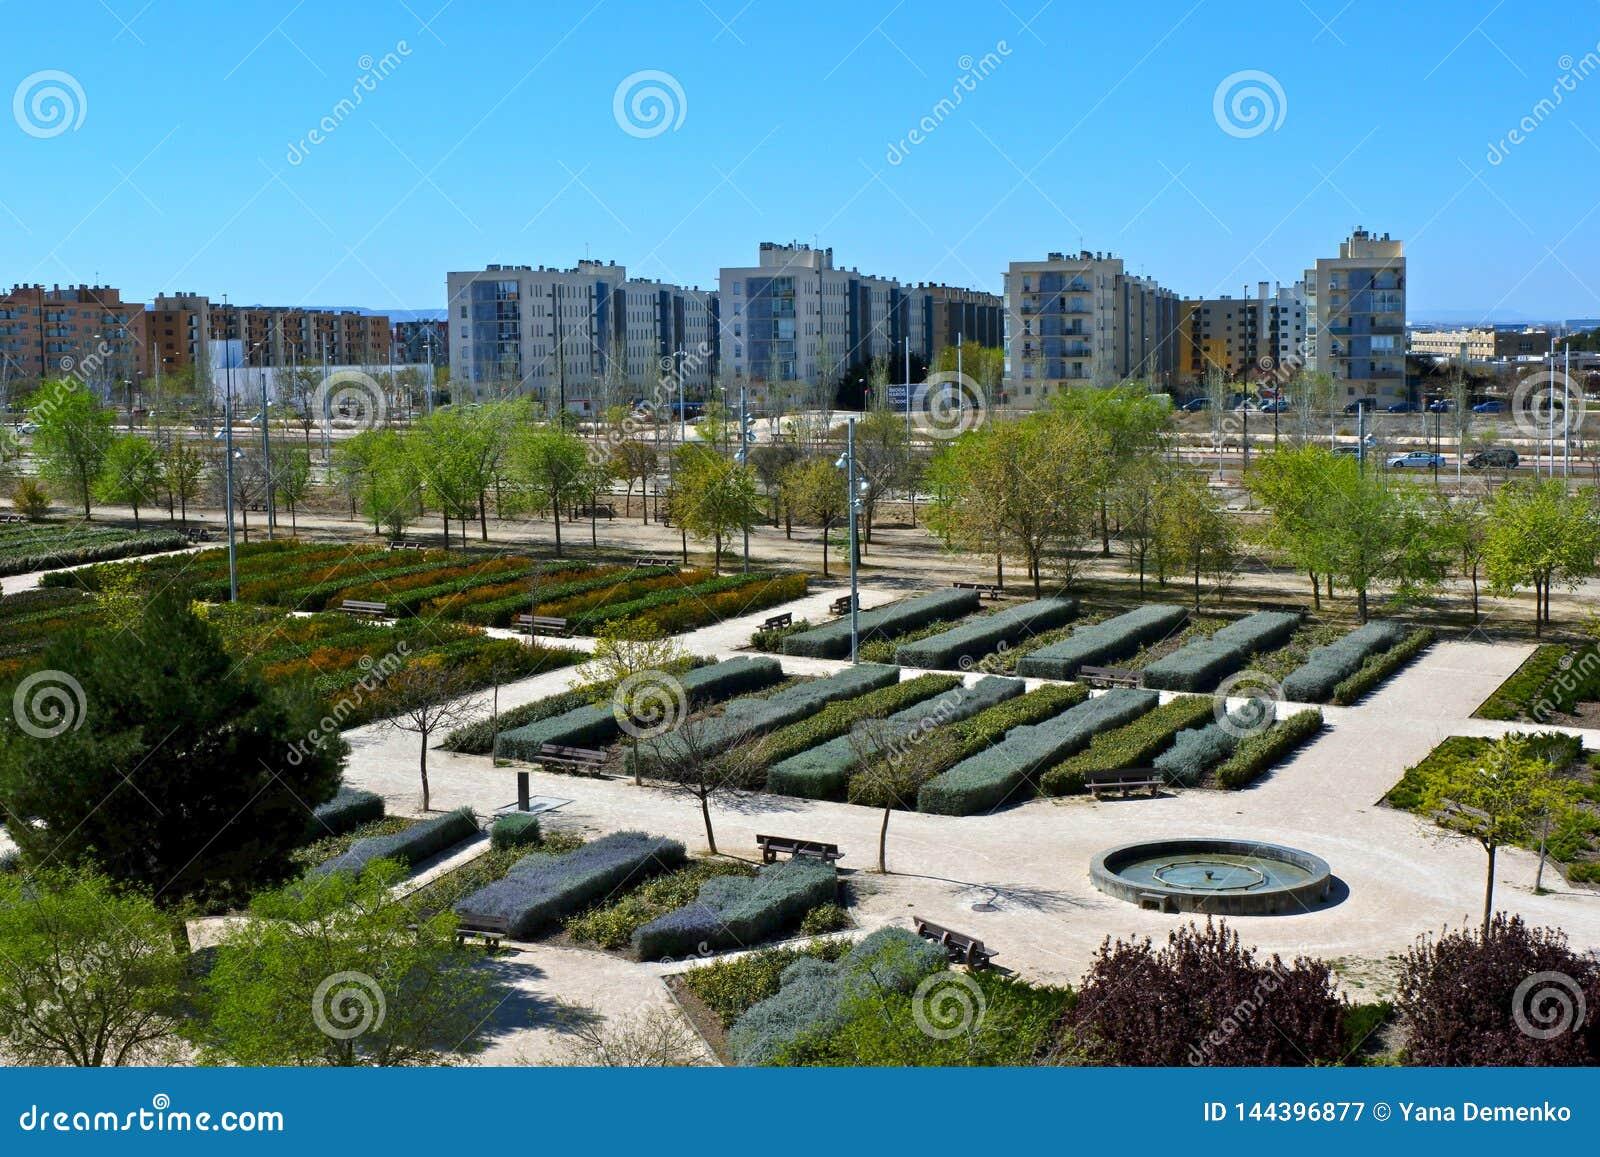 Valdespartera, Zaragoza/Spanje - Maart 27, 2019: Weergeven van het park en de woningbouw